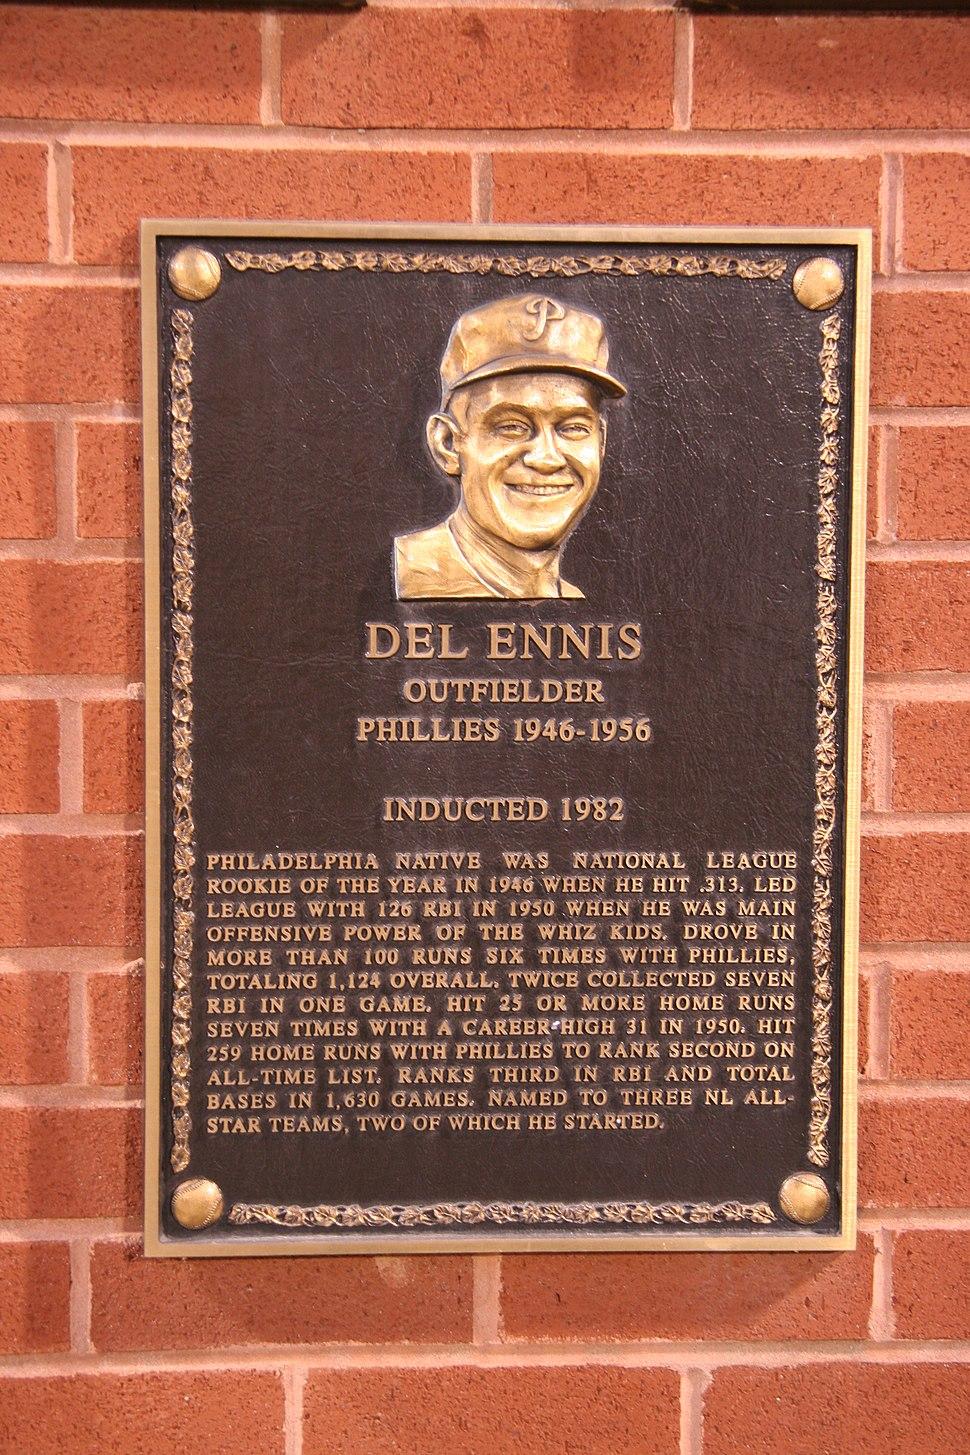 Del Ennis plaque